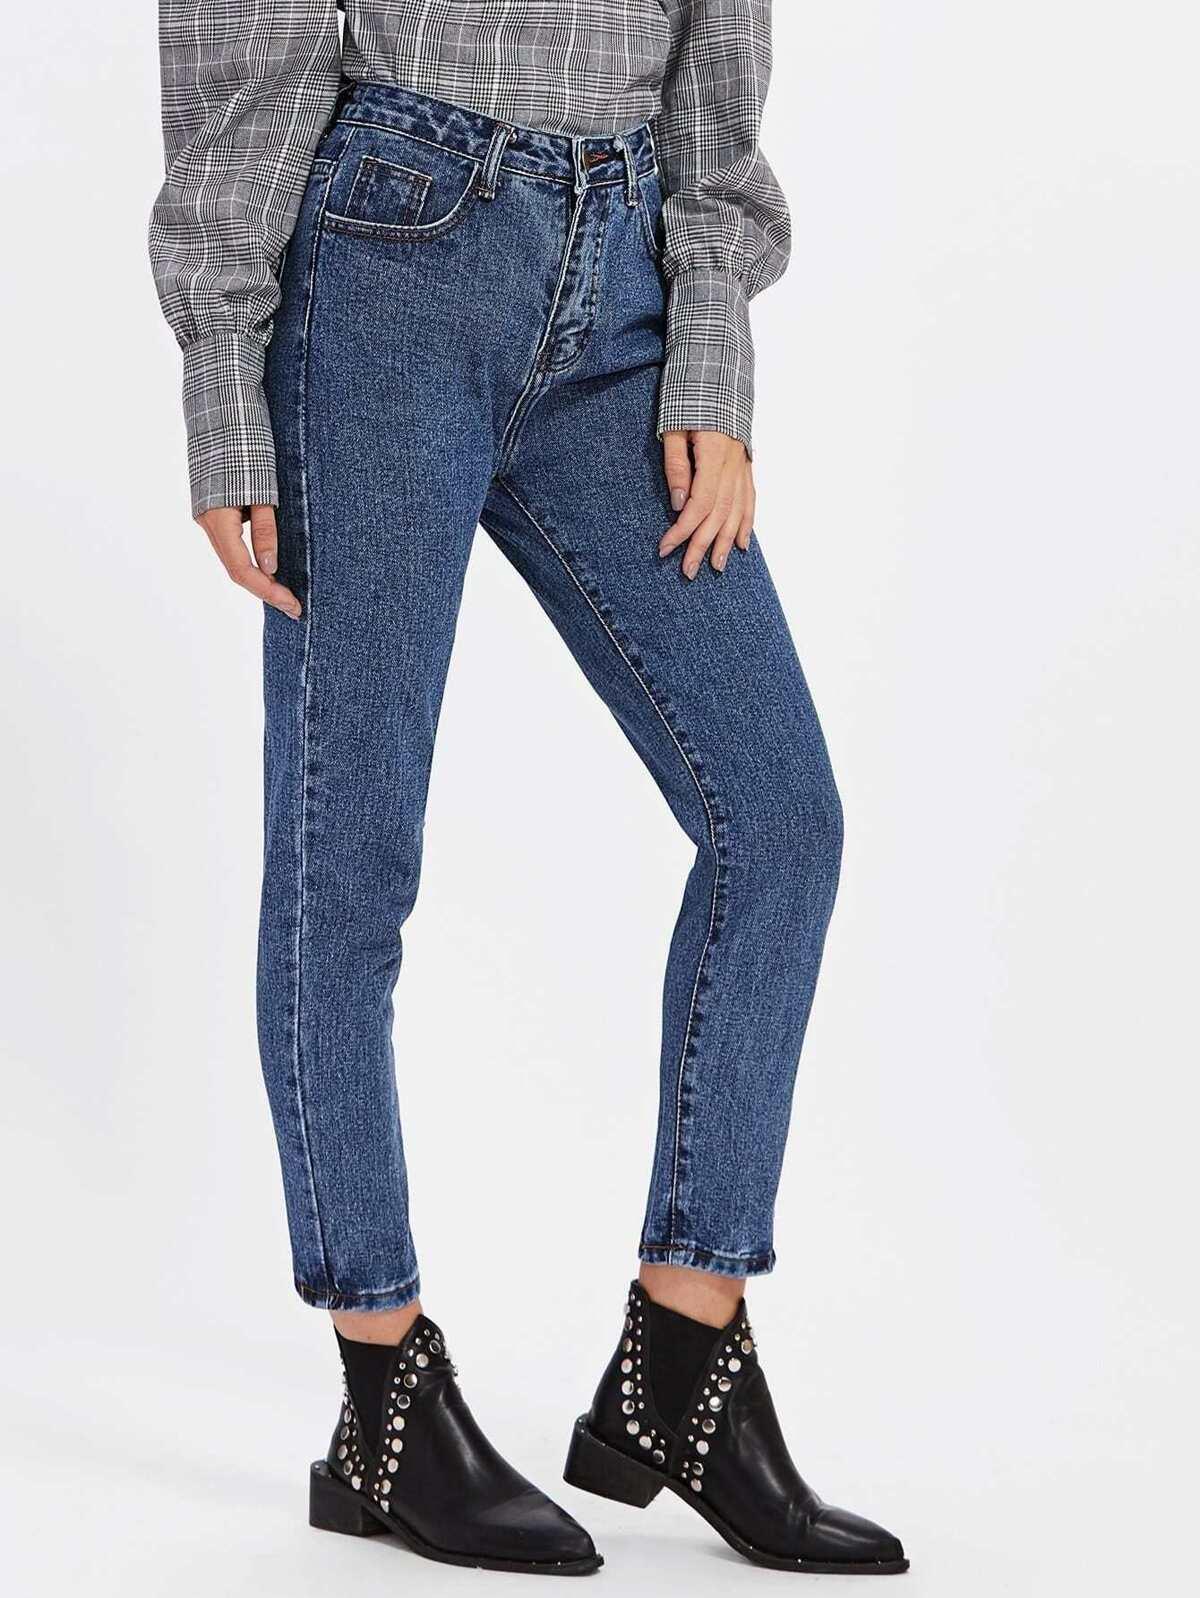 Bleach Wash Jeans by Romwe